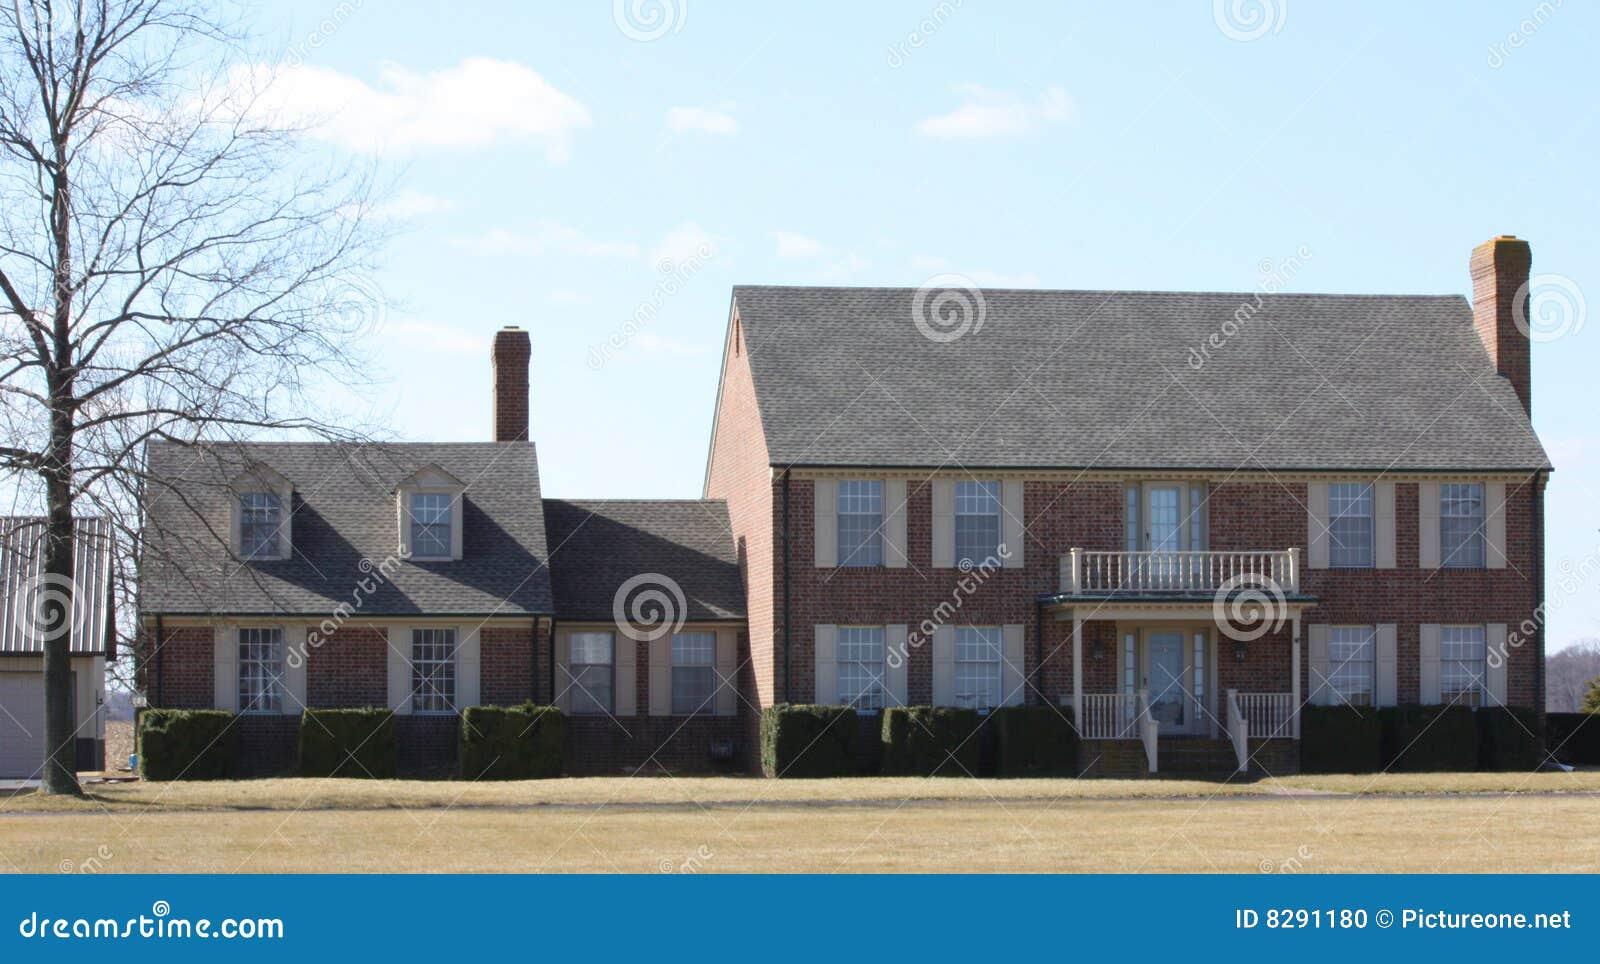 Casas modernas exteriores foto de stock imagem 8291180 - Exteriores de casas modernas ...